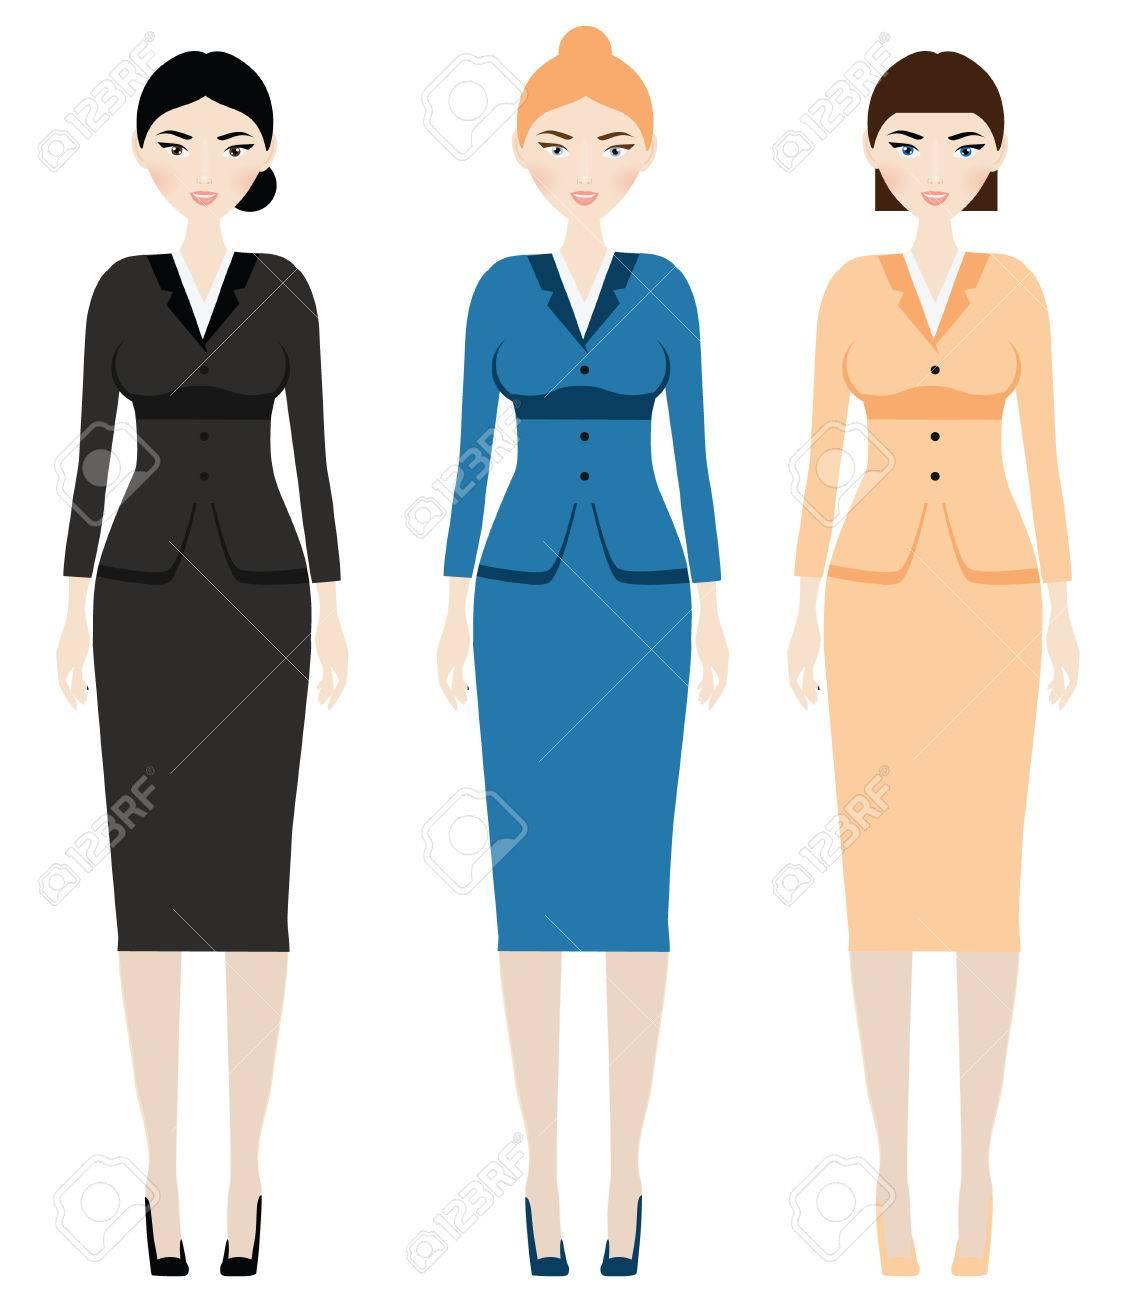 ドレスコードとは 女性